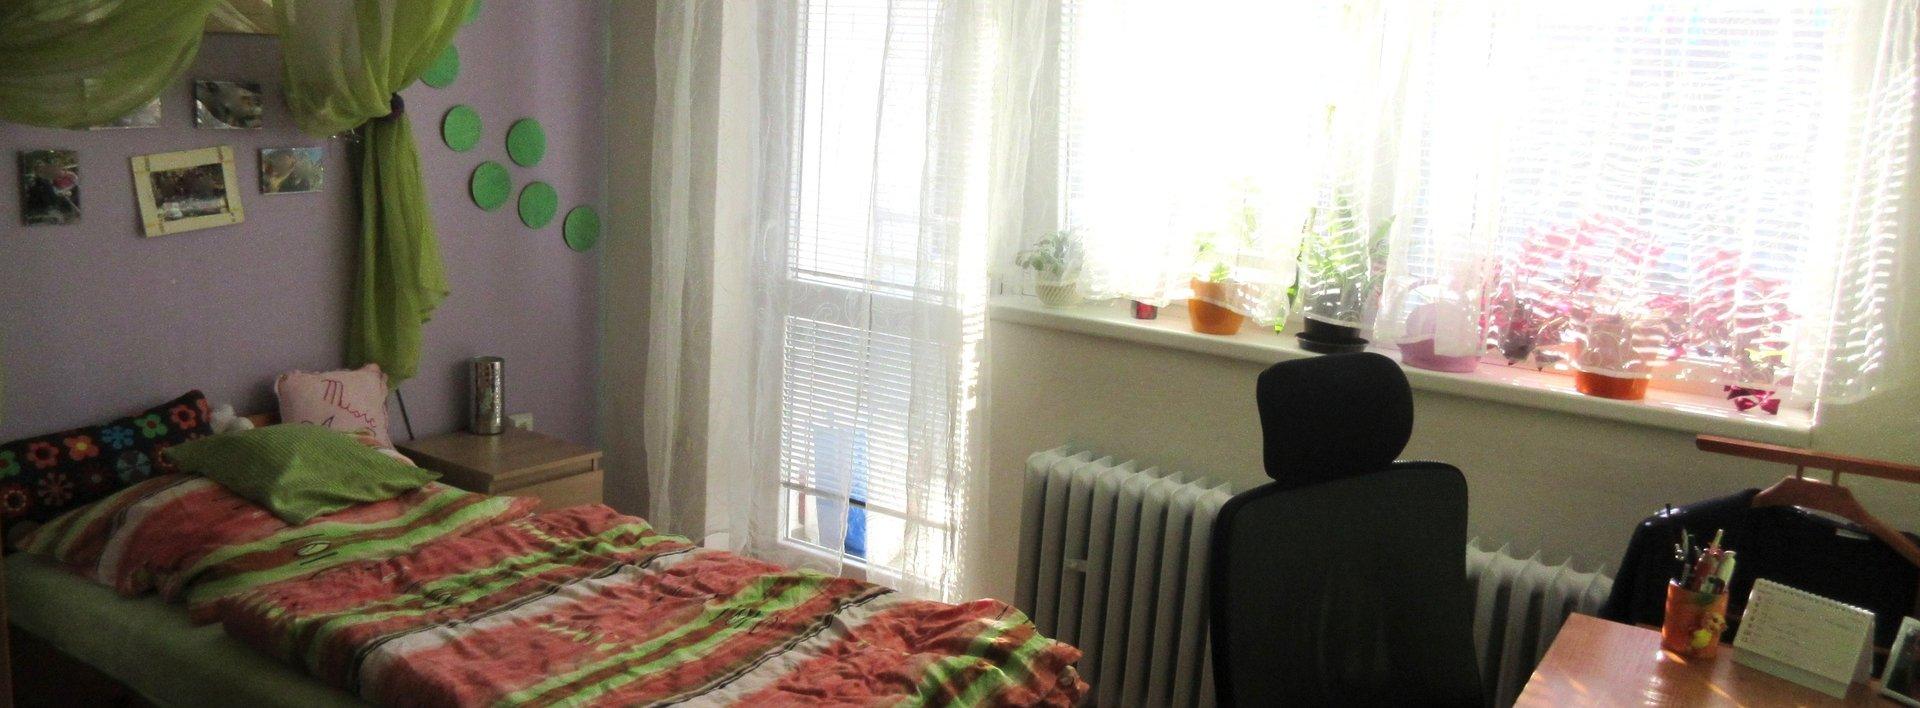 Prodej atypického bytu 3+1 s lodžií, 75 m², Liberec - Rochlice, ul. U Potůčku, Ev.č.: N48270